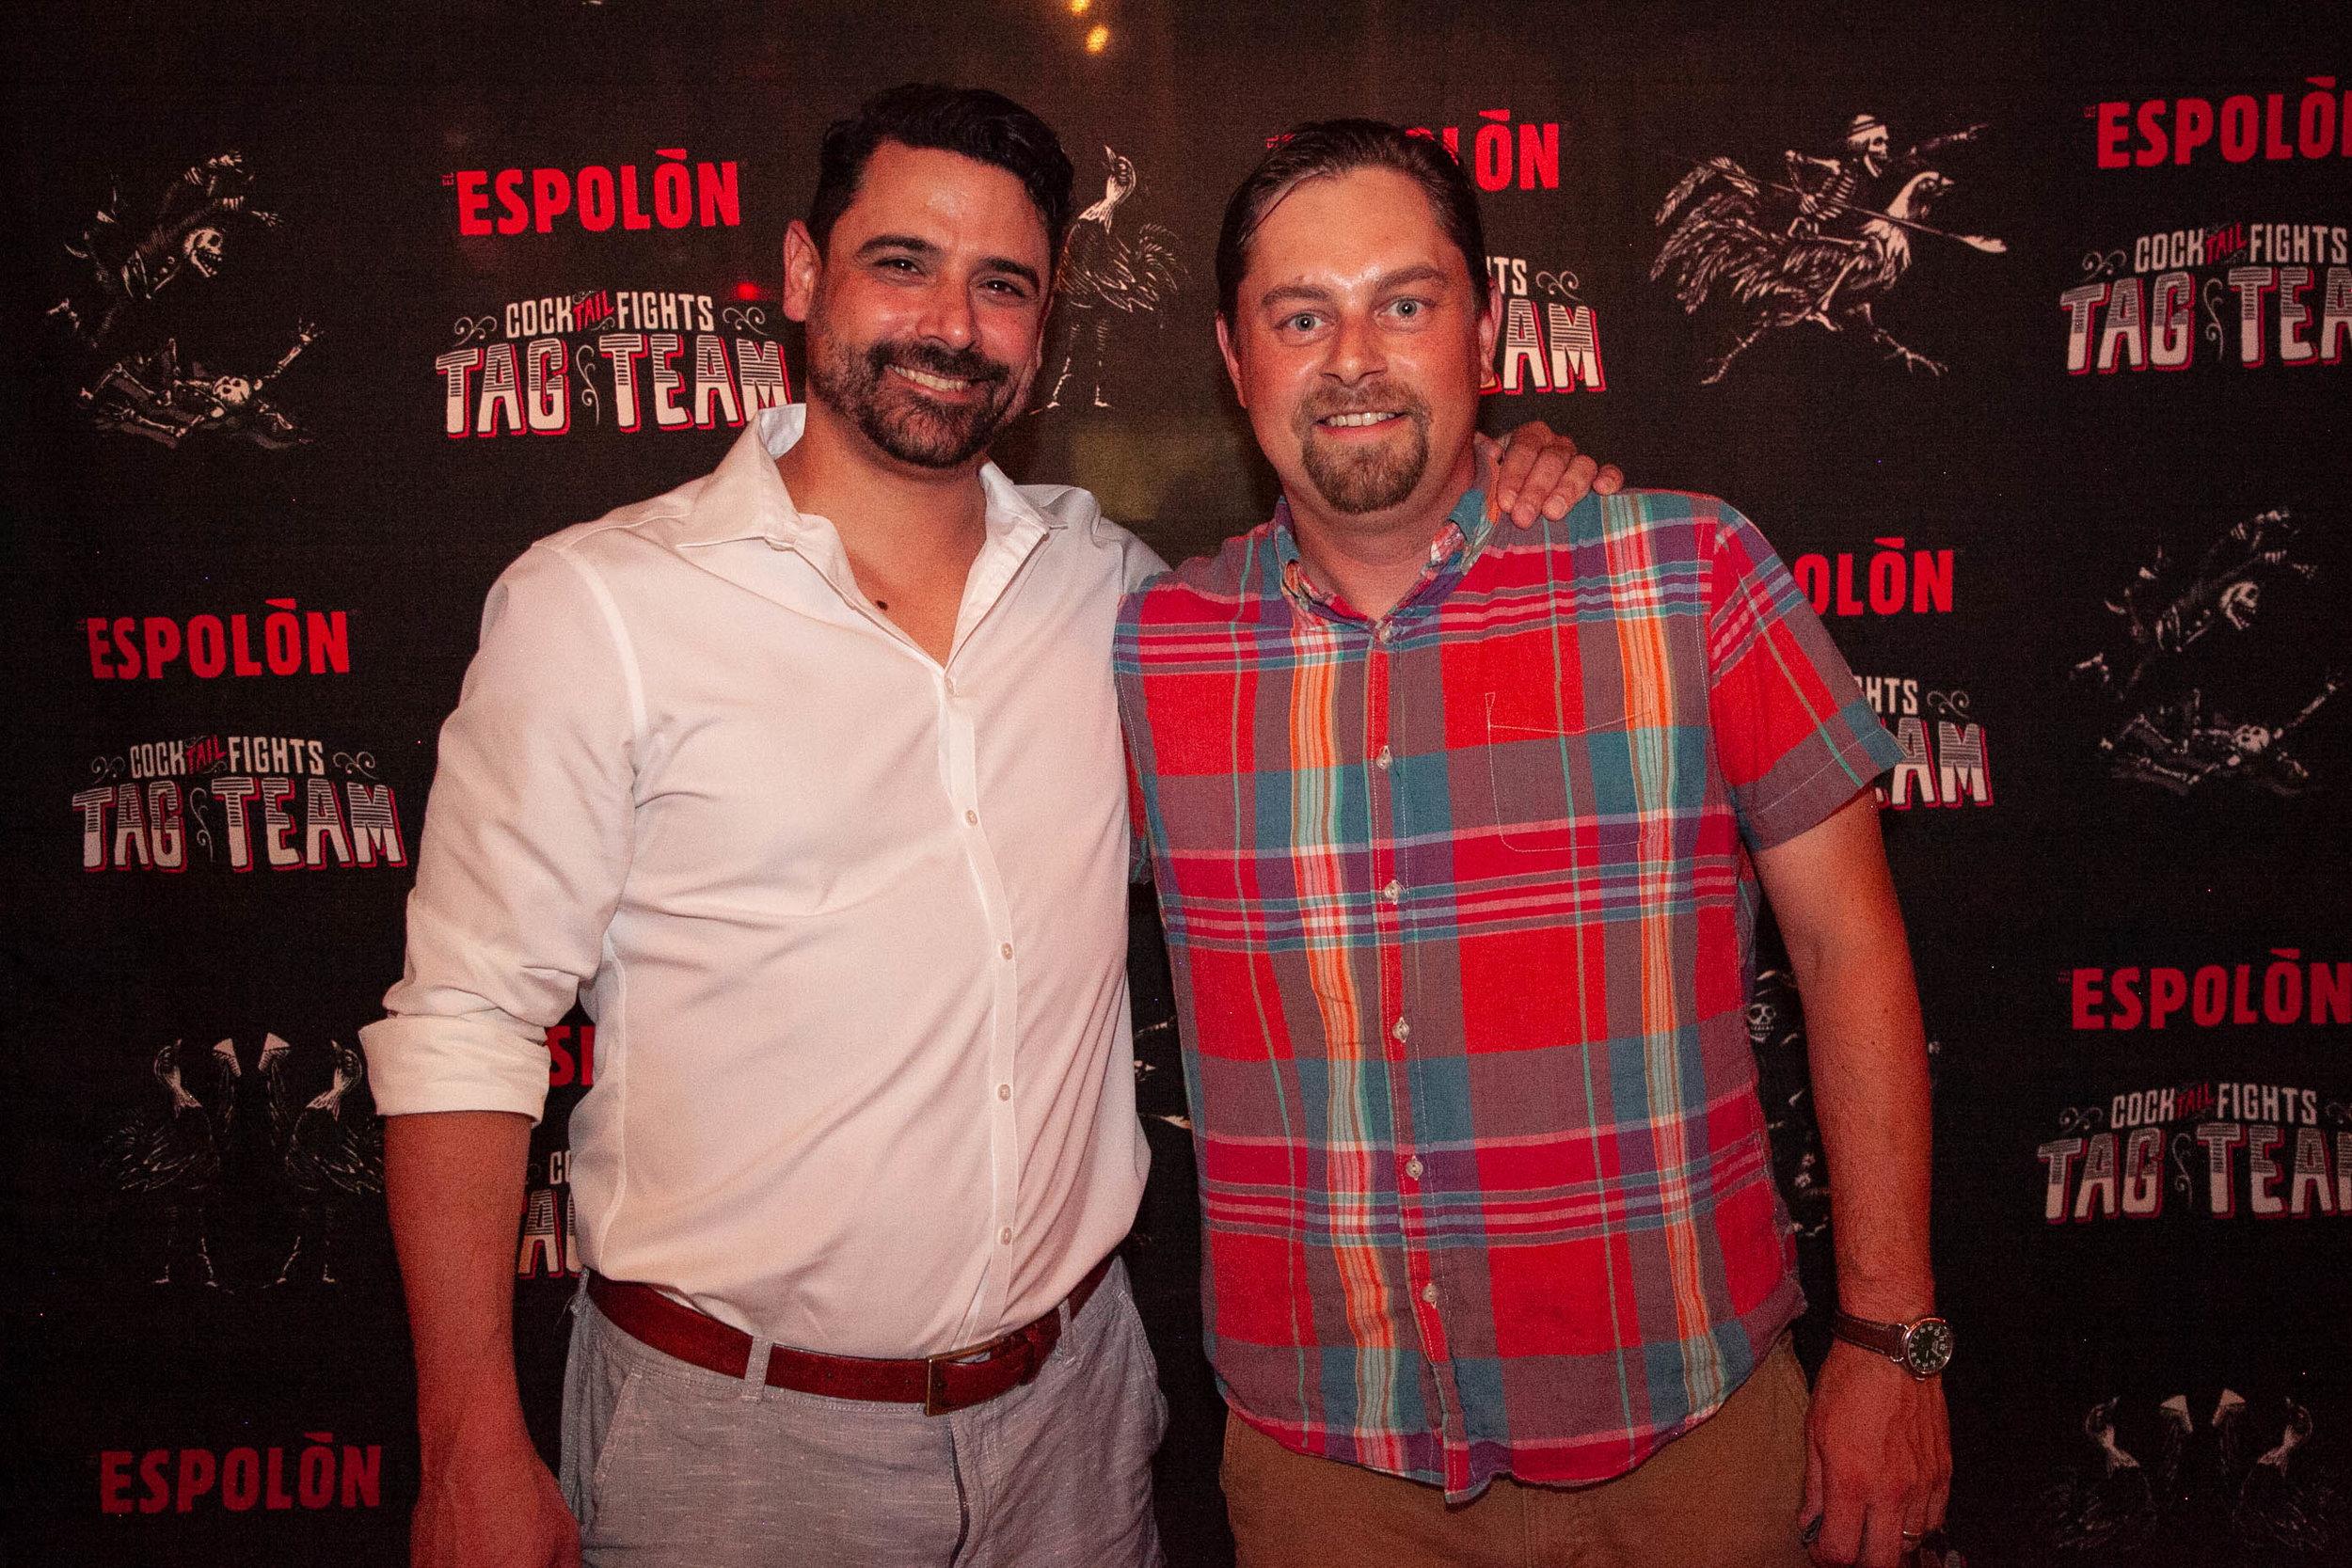 espolon _tequila_event (30 of 35).jpg